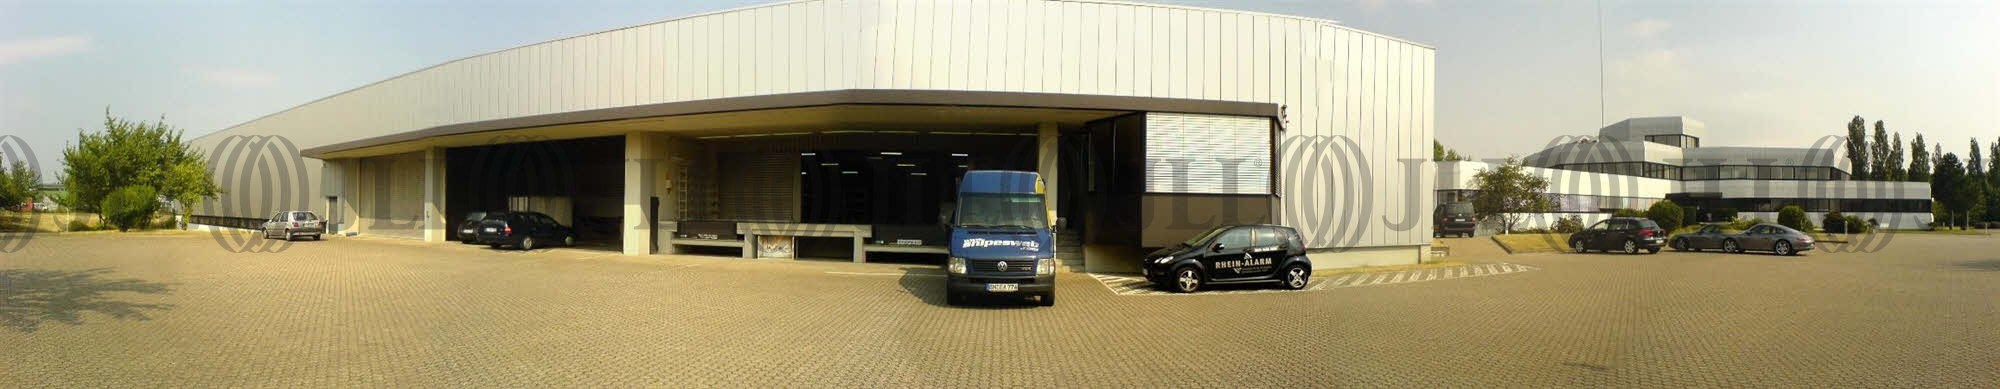 Produktionshalle Köln foto I0059 2